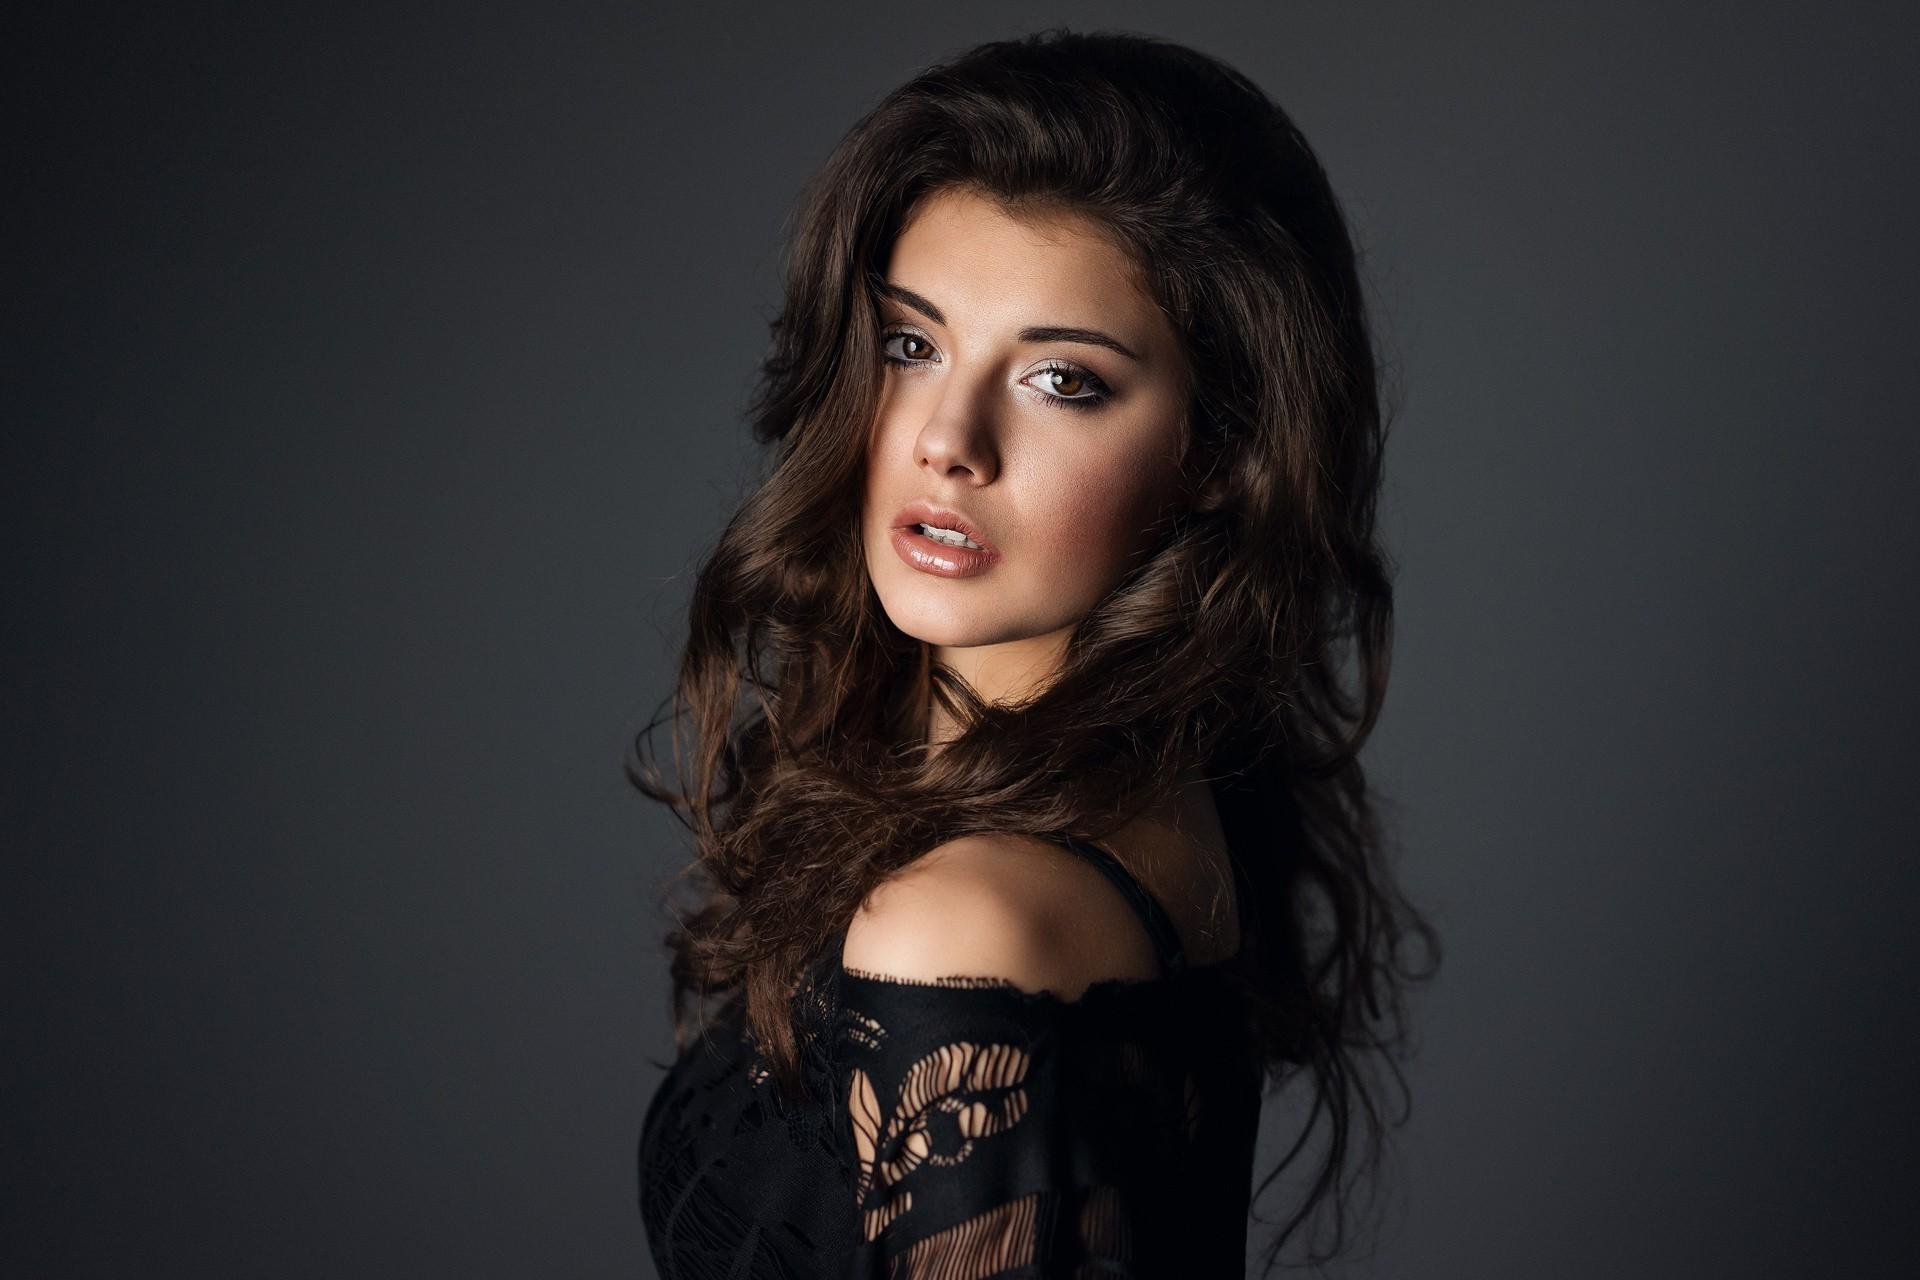 Hintergrundbilder Gesicht Schwarz Frau Modell Porträt Lange